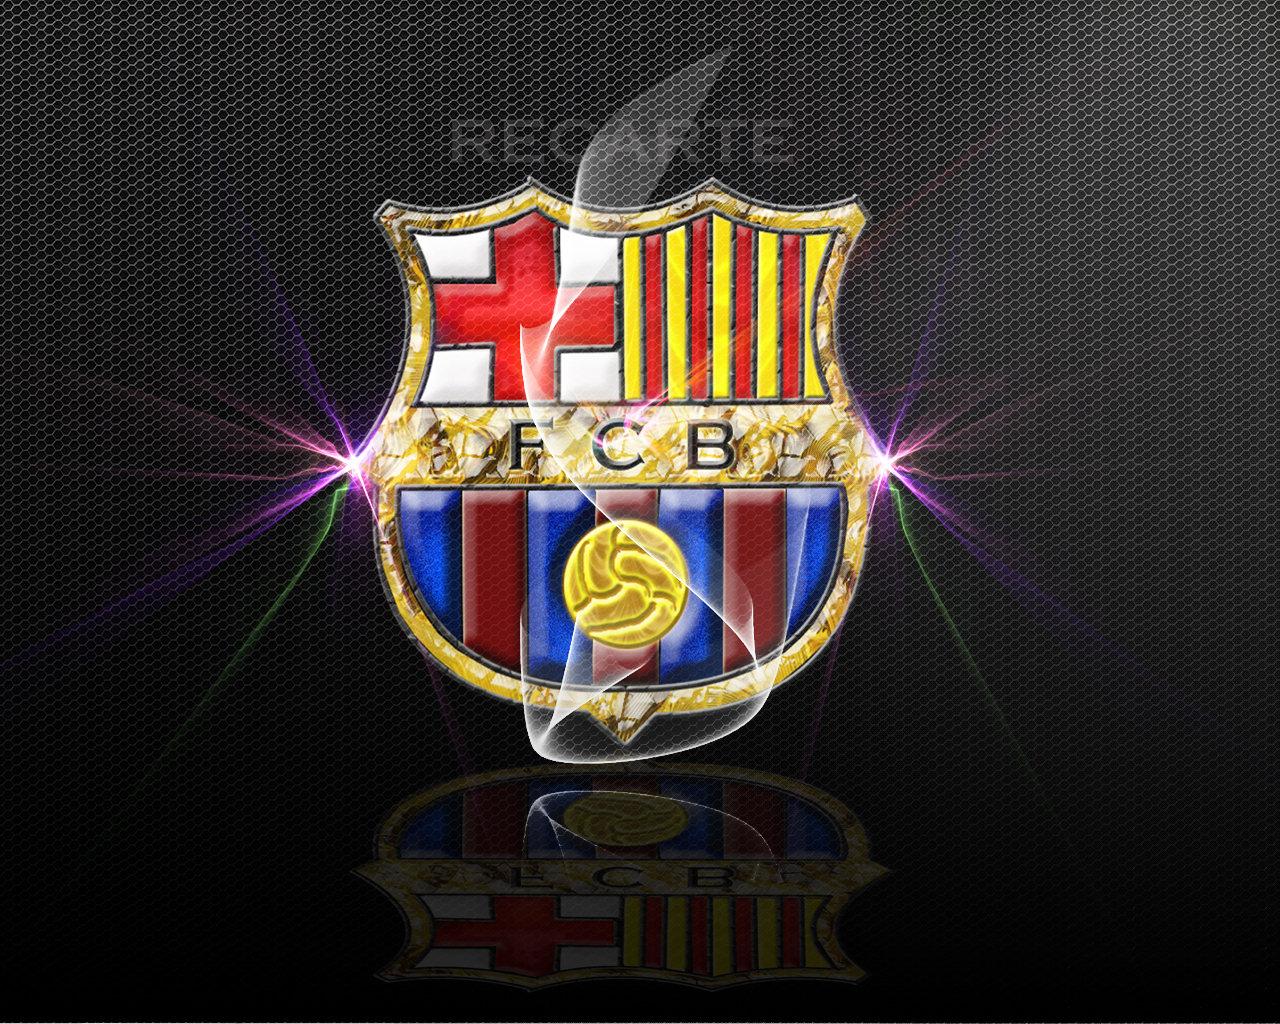 Какой испанский клуб побеждала барселона в гостях